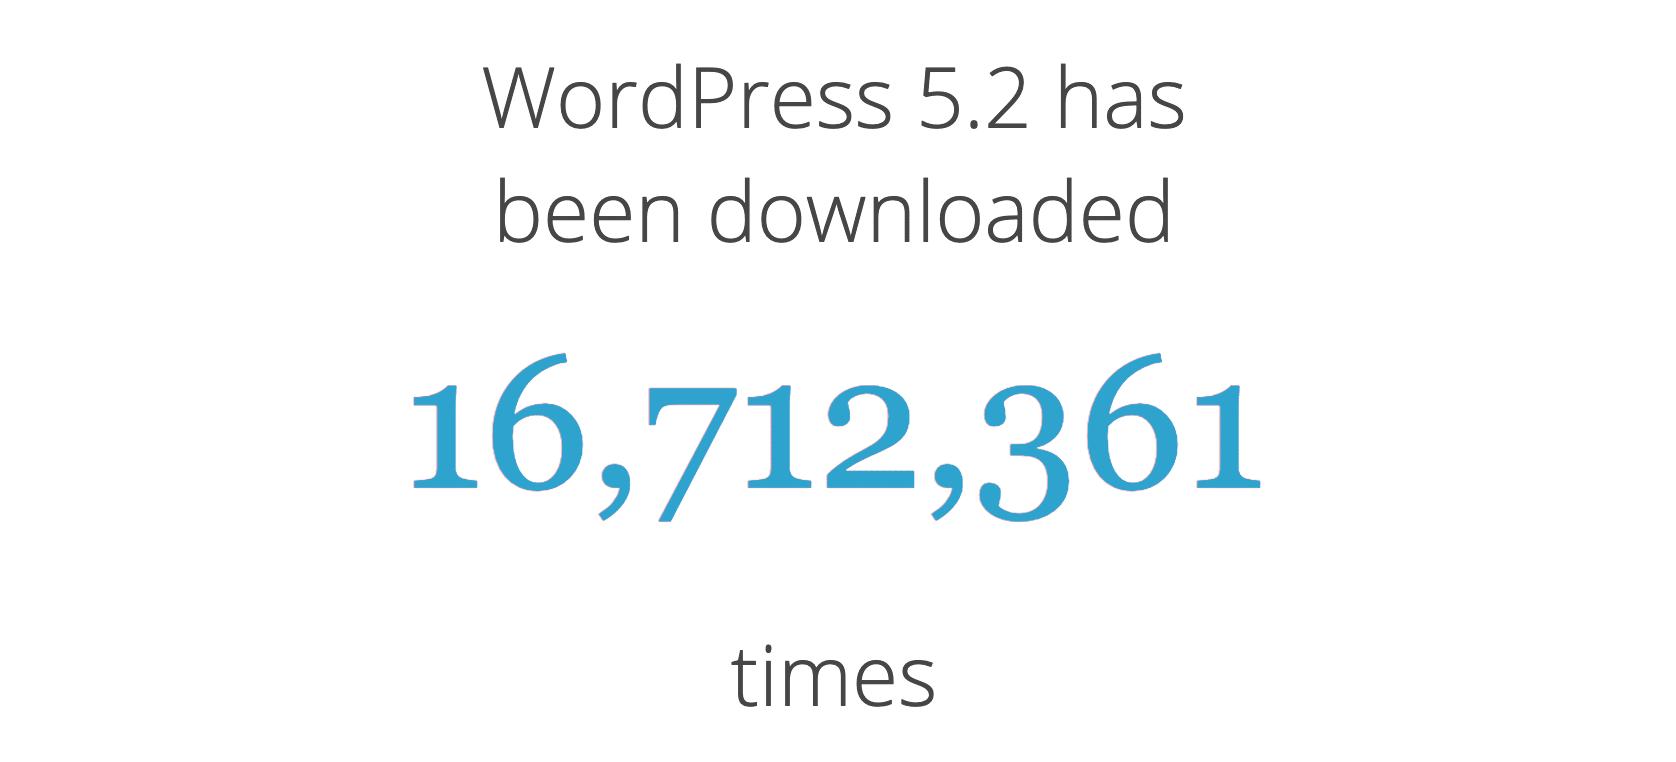 Anzahl der Downloads von WordPress 5.2